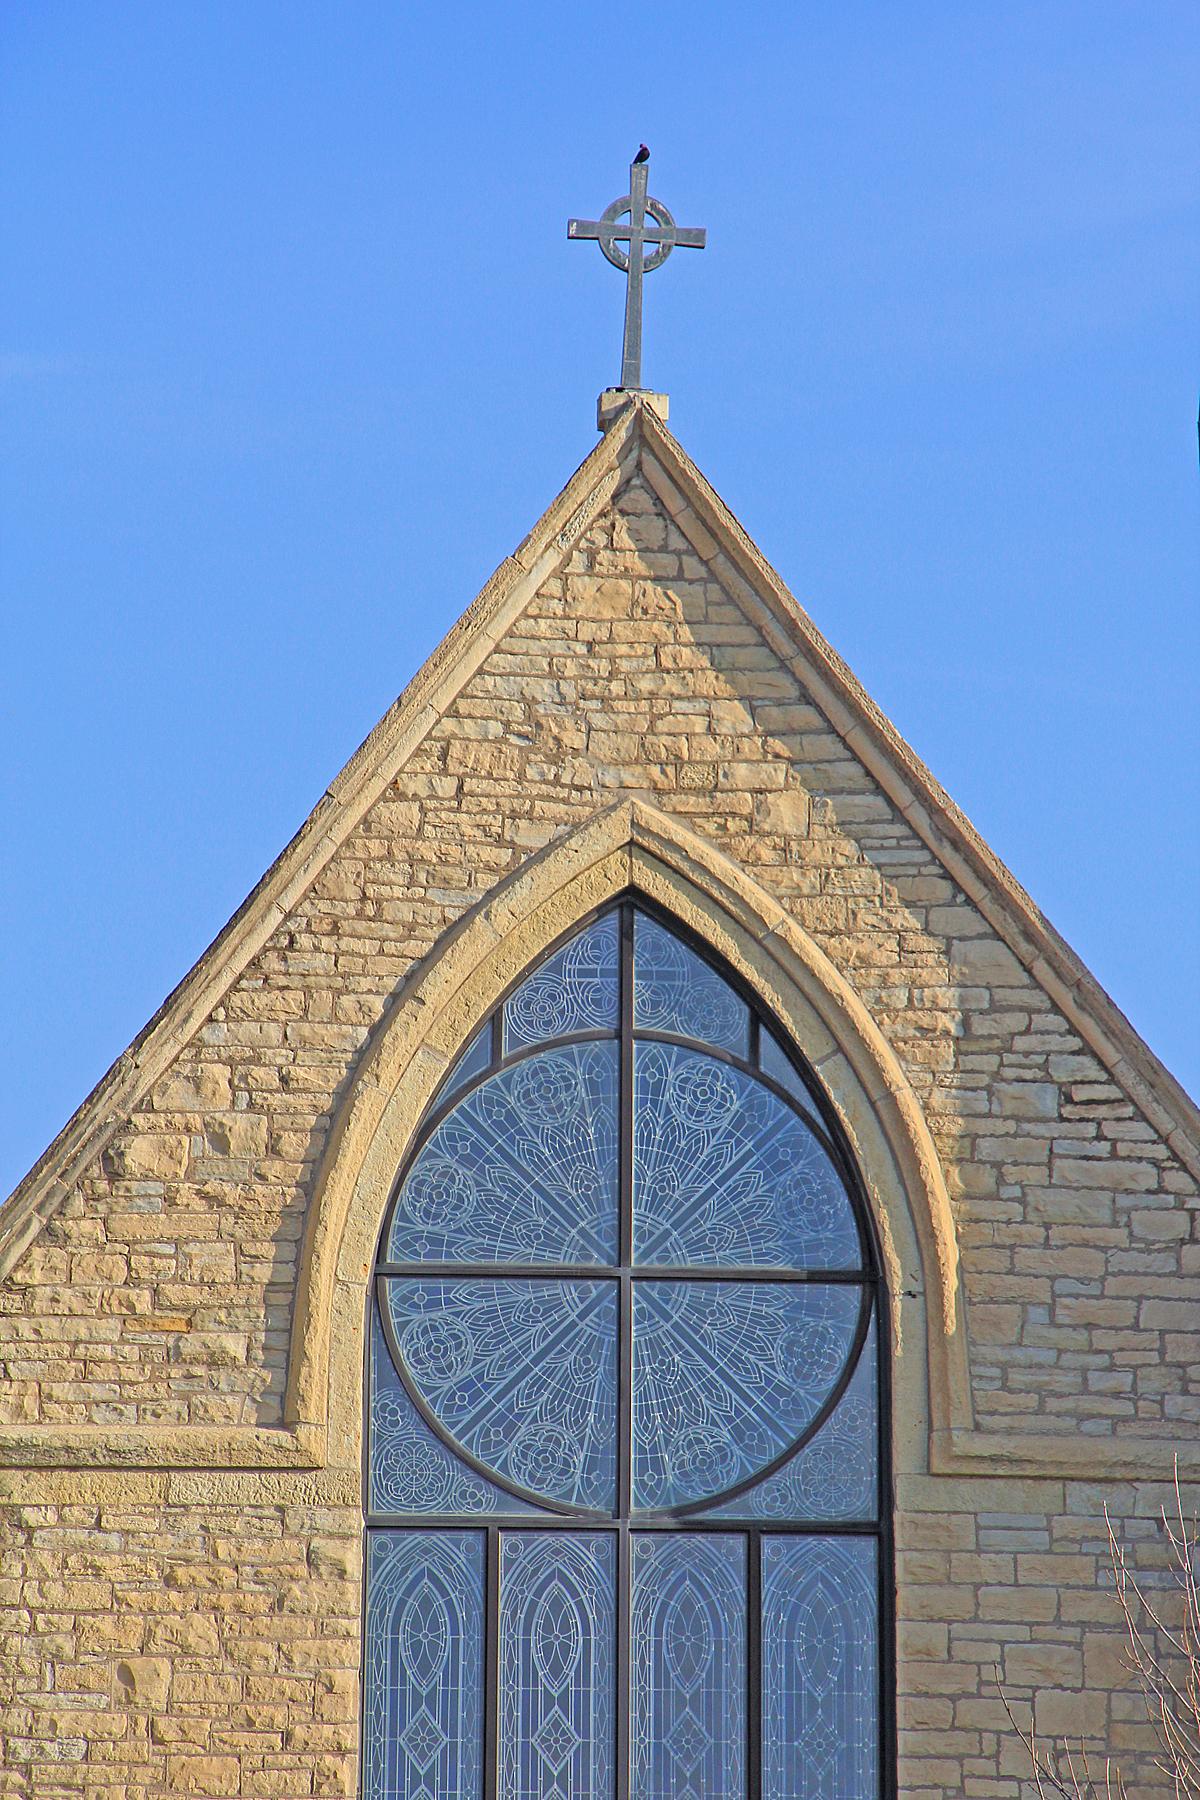 St Matthews Steeple